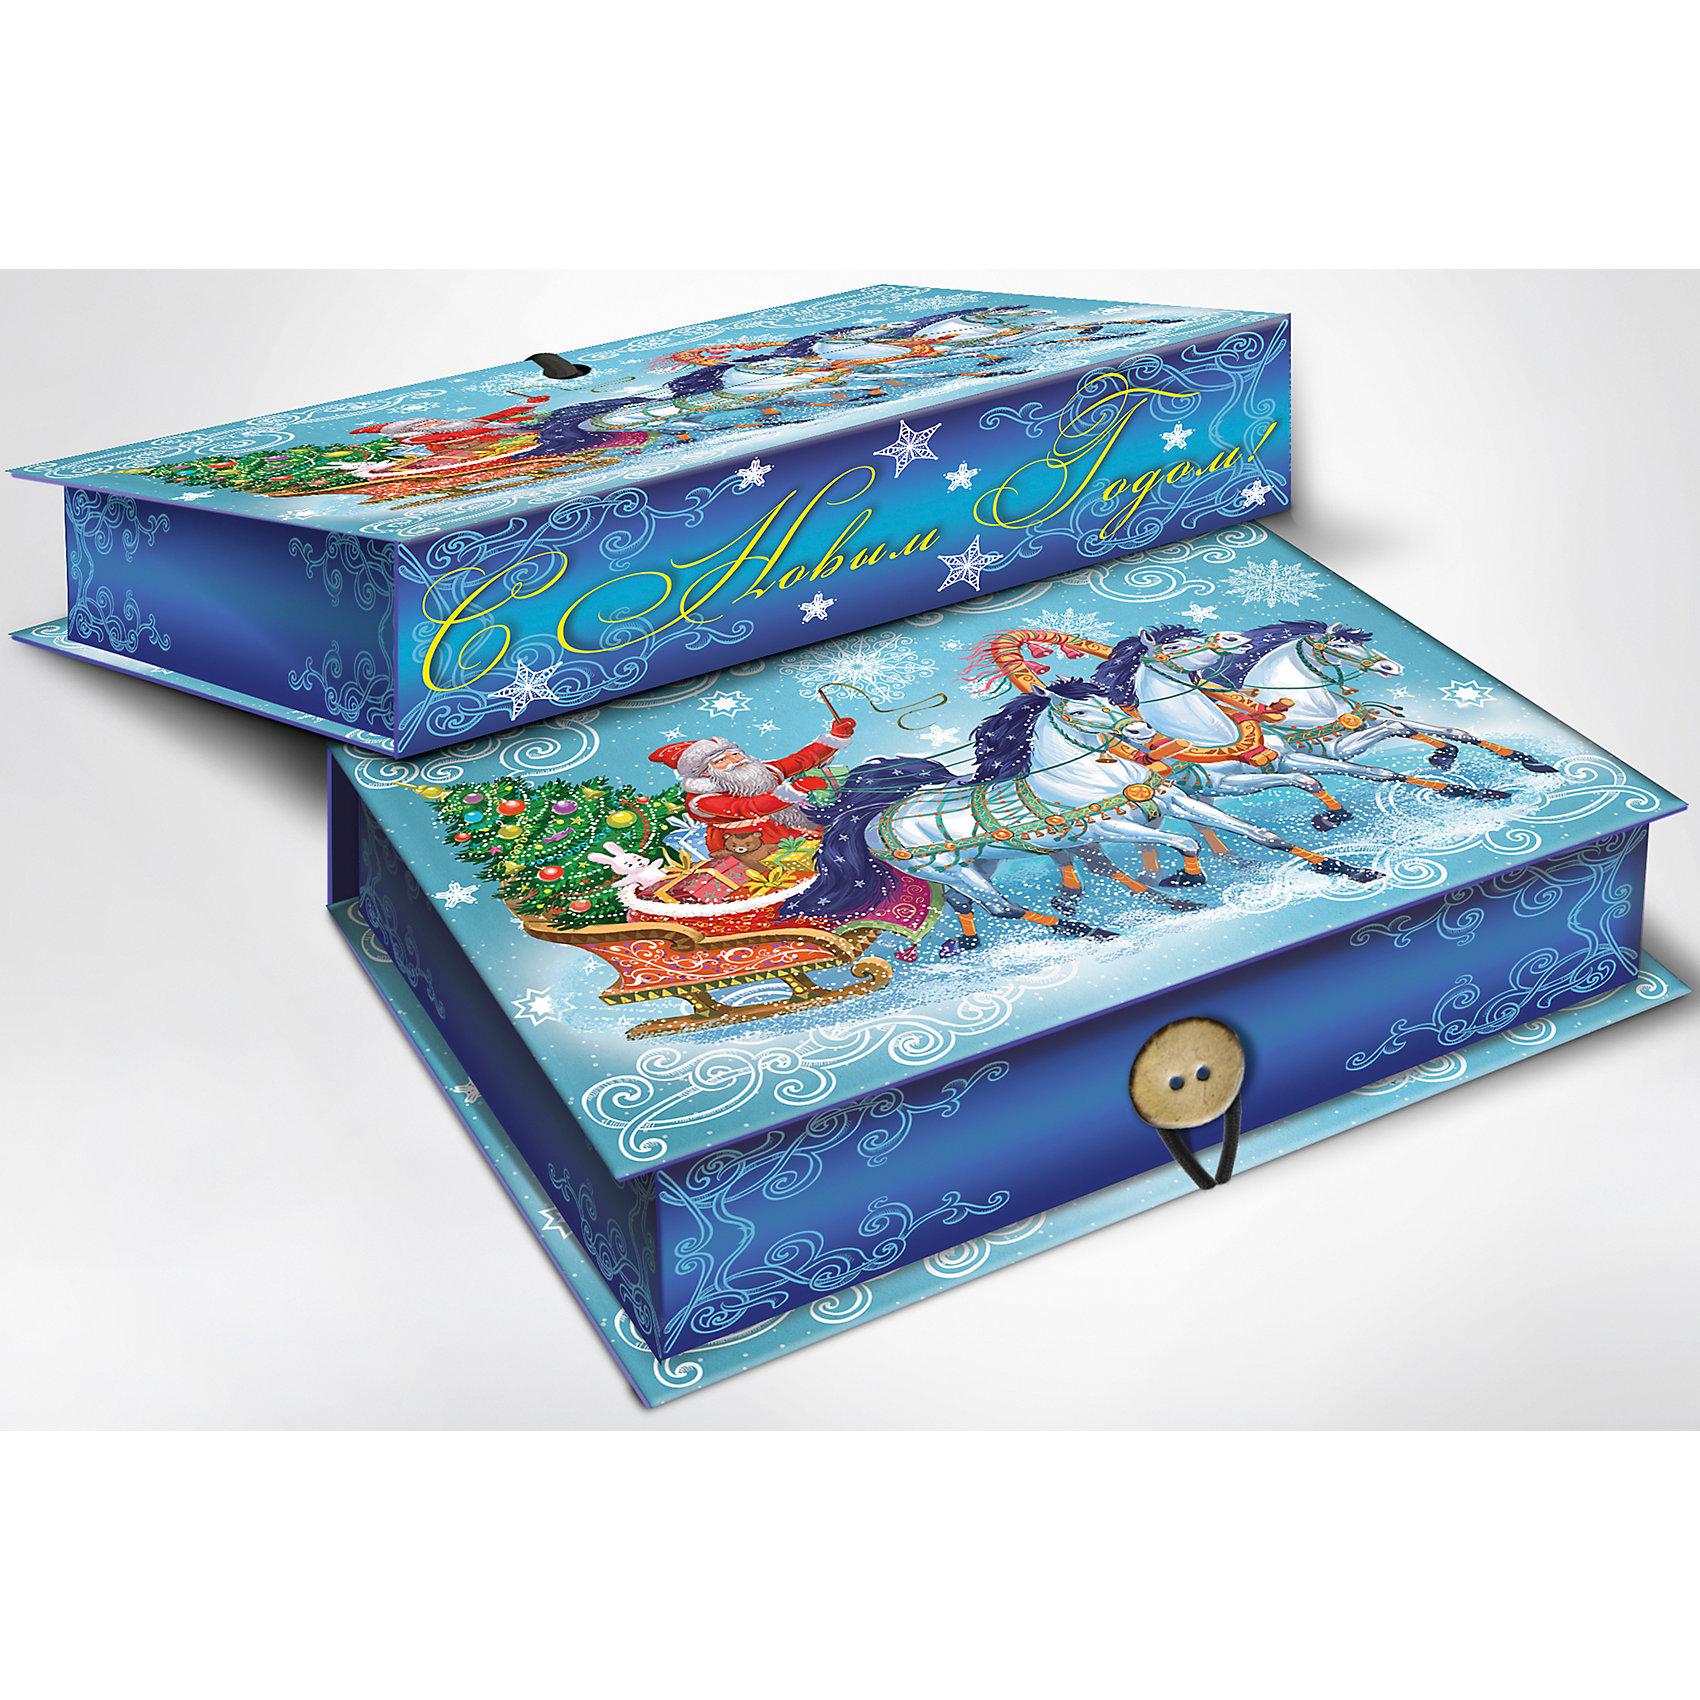 Подарочная коробка Дед Мороз на тройке 20*14*6 смКрасиво упакованный подарок приятнее получать вдвойне! Яркая коробка - универсальный, практичный и стильный вариант для упаковки любых подарков.<br><br>Дополнительная информация:<br><br>- Материал: мелованный ламинированный негофрированный картон (плотность - 1100 г/м2).<br>- Размер: 20х14х6 см. <br>- Полноцветный декоративный рисунок на внутренней и наружной части. <br><br>Подарочную коробку Дед Мороз на тройке (20*14*6 см.) можно купить в нашем магазине.<br><br>Ширина мм: 200<br>Глубина мм: 140<br>Высота мм: 60<br>Вес г: 420<br>Возраст от месяцев: 36<br>Возраст до месяцев: 2147483647<br>Пол: Унисекс<br>Возраст: Детский<br>SKU: 4981312